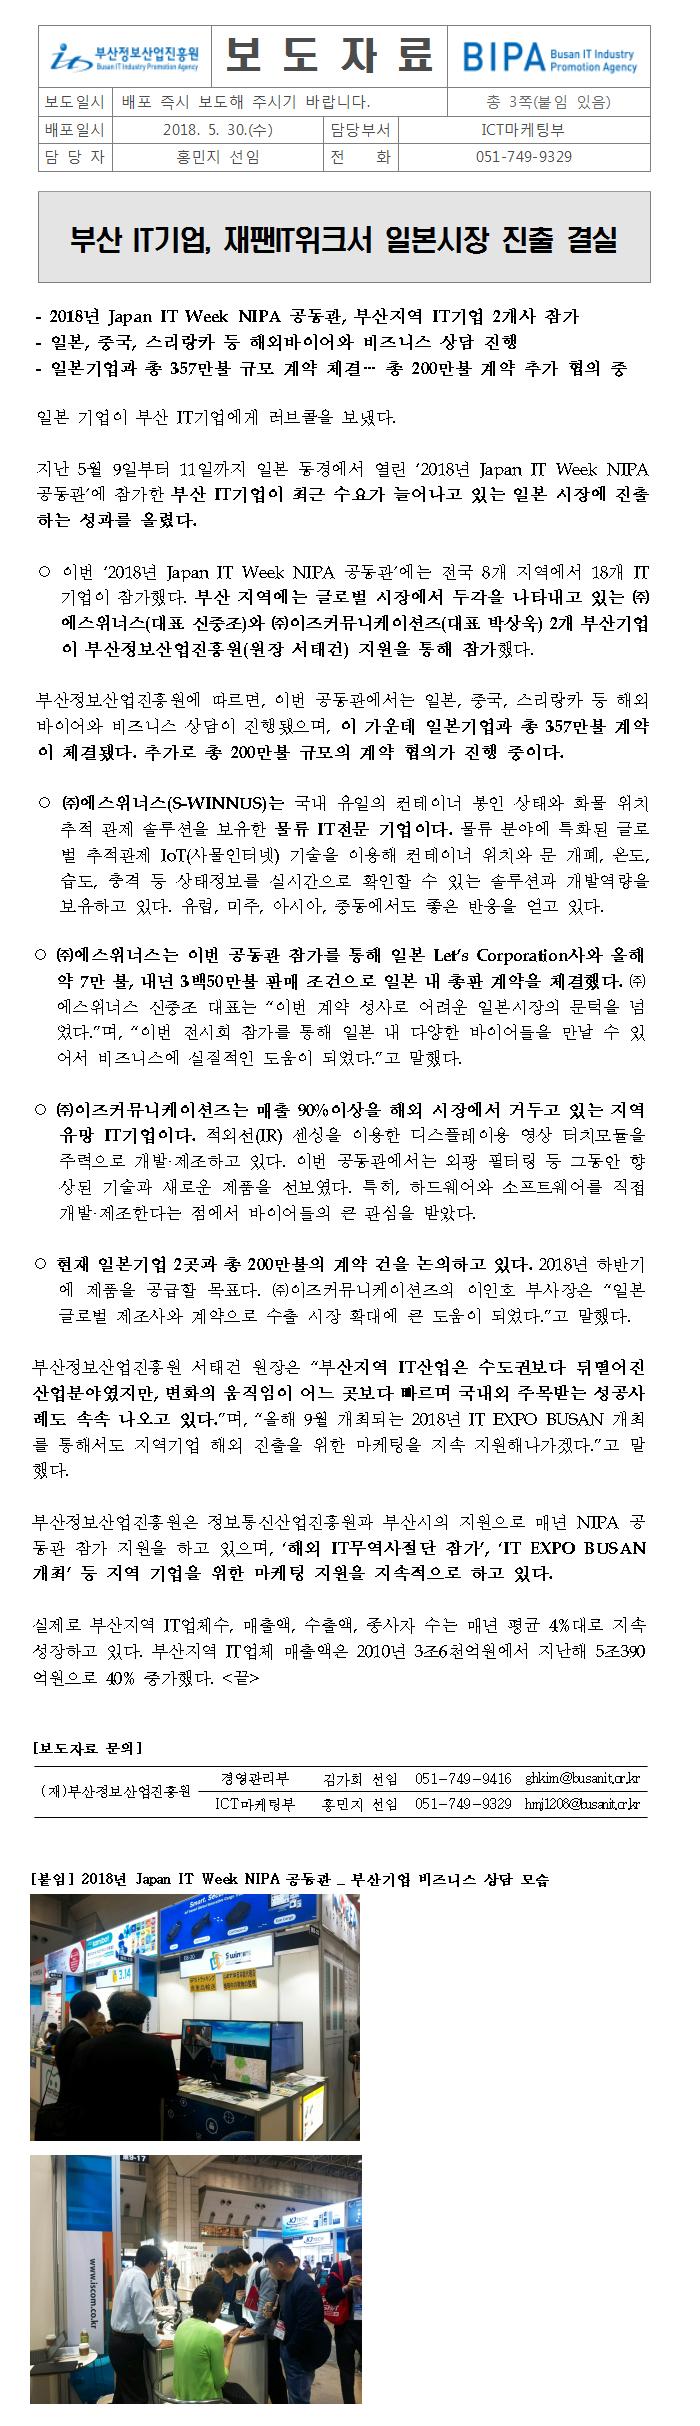 부산 IT기업, 재팬IT위크서 일본시장 진출 결실